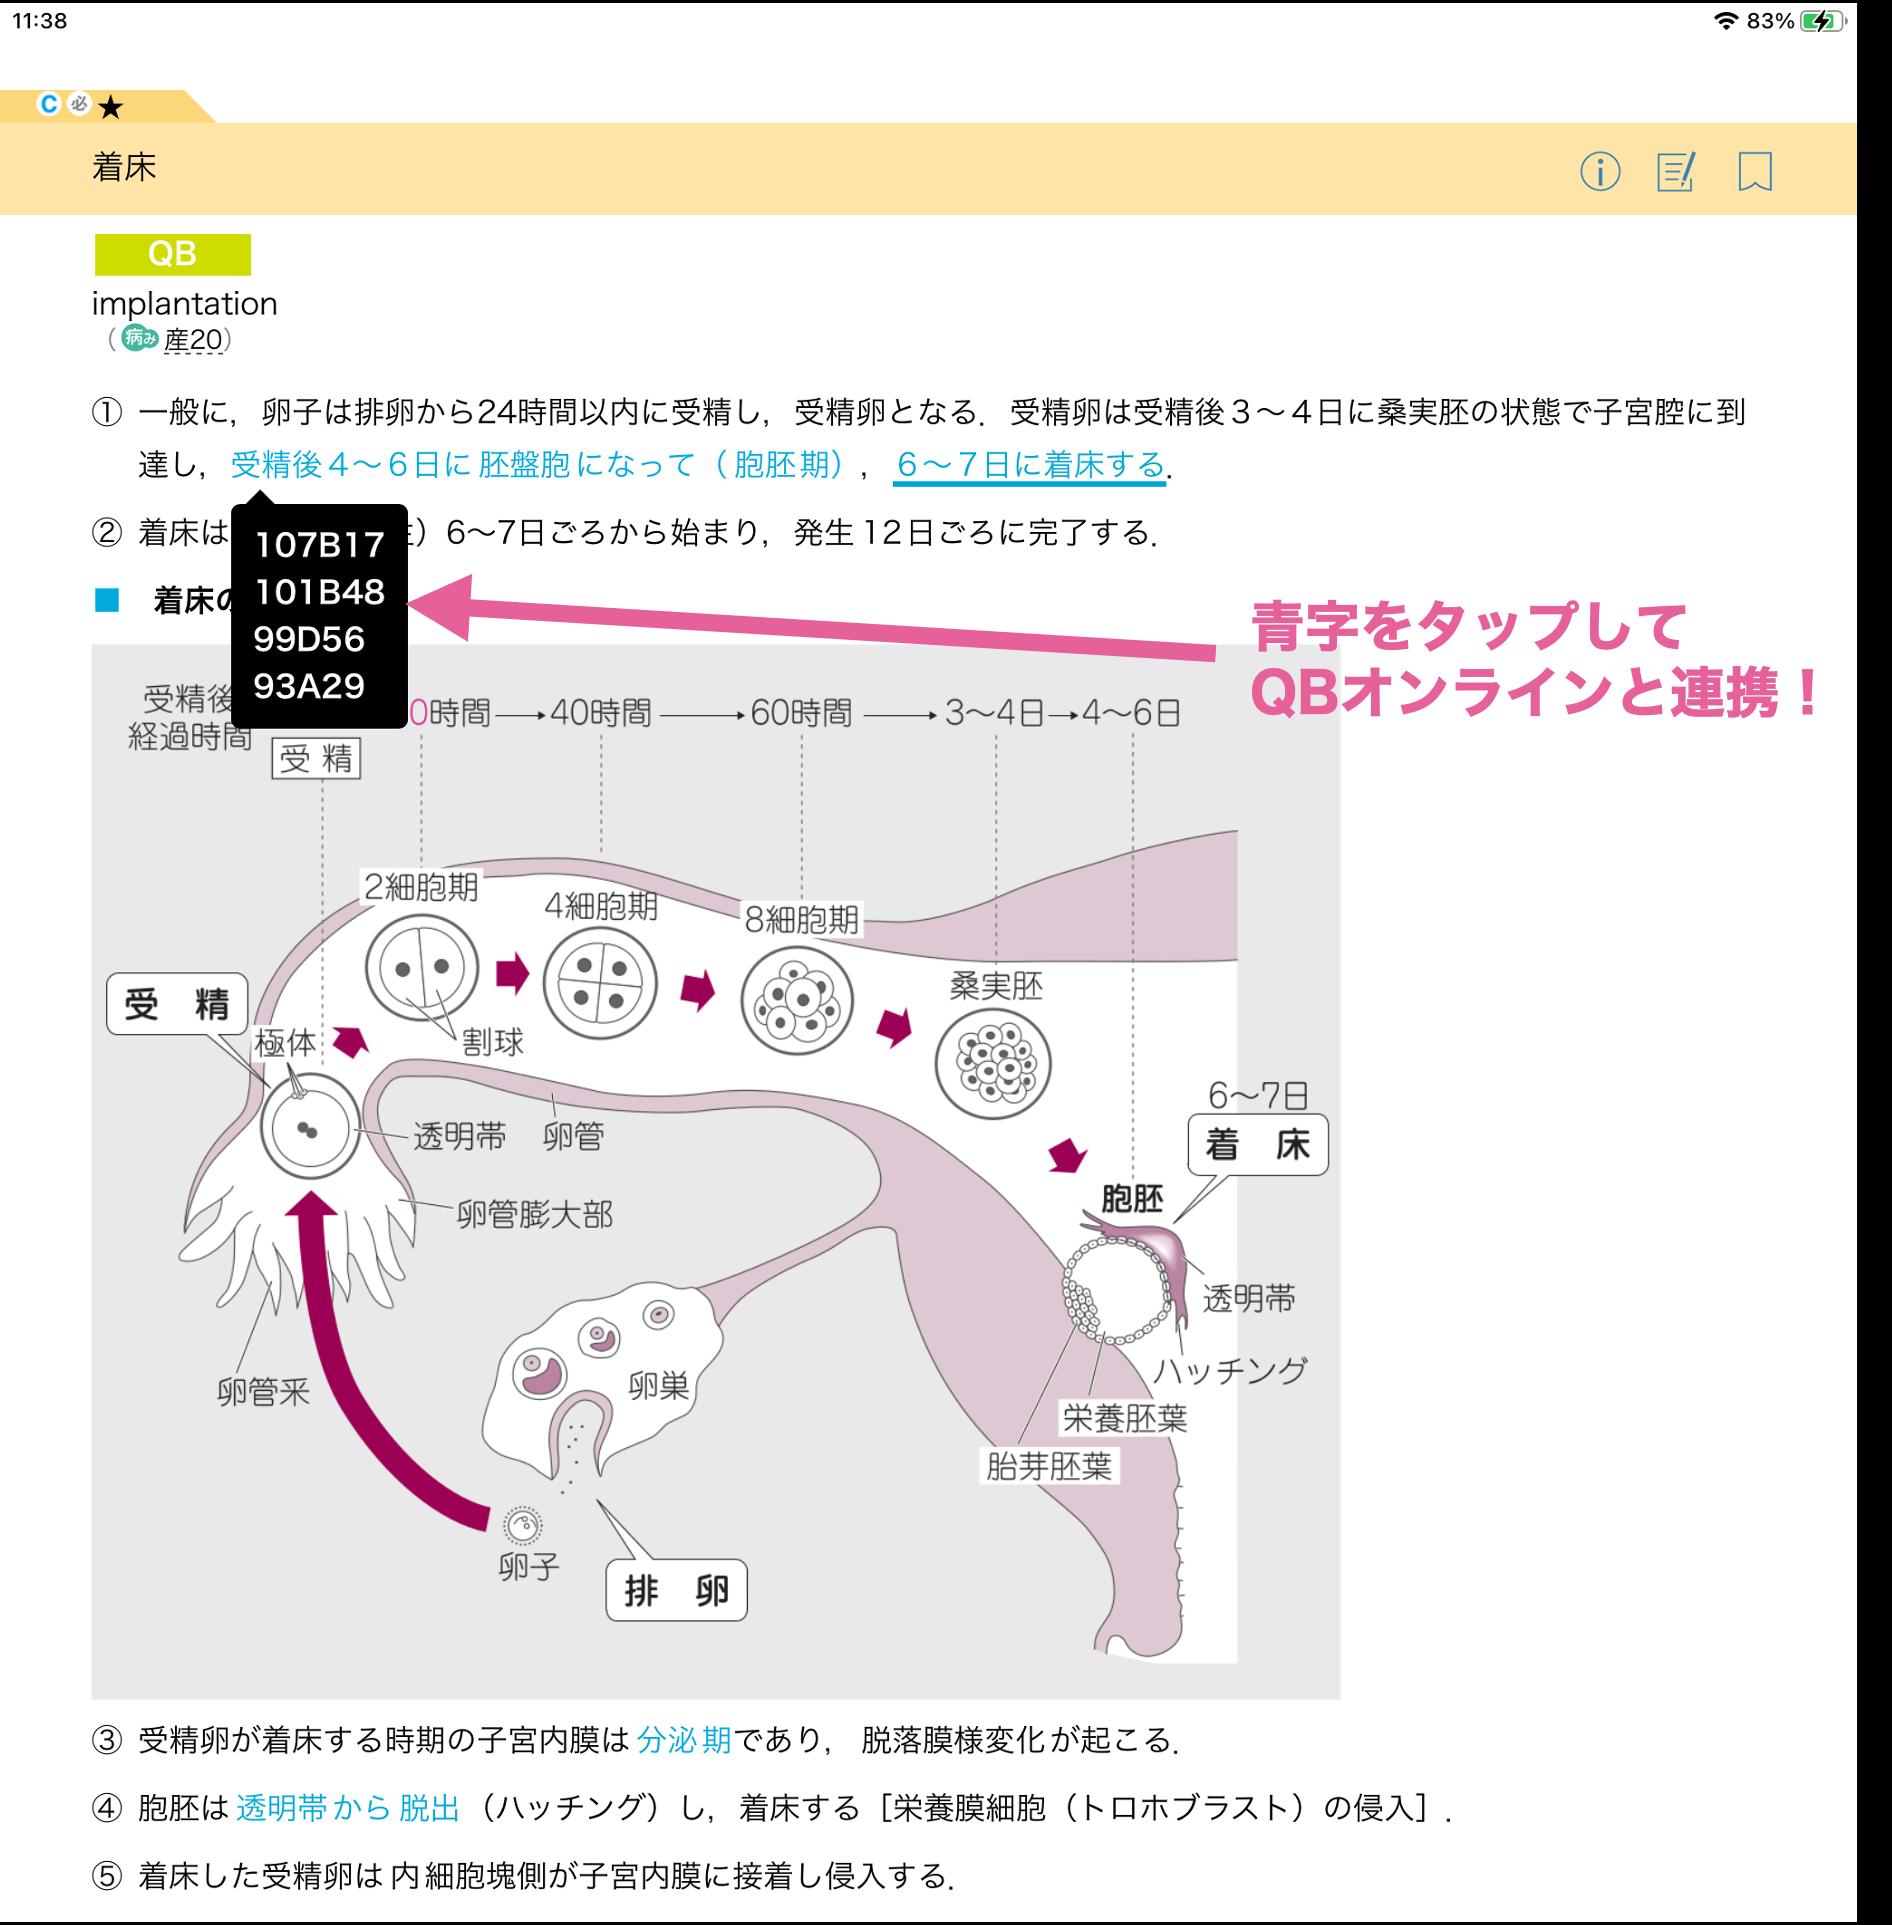 レビューブック産婦人科 アプリ イメージ画面